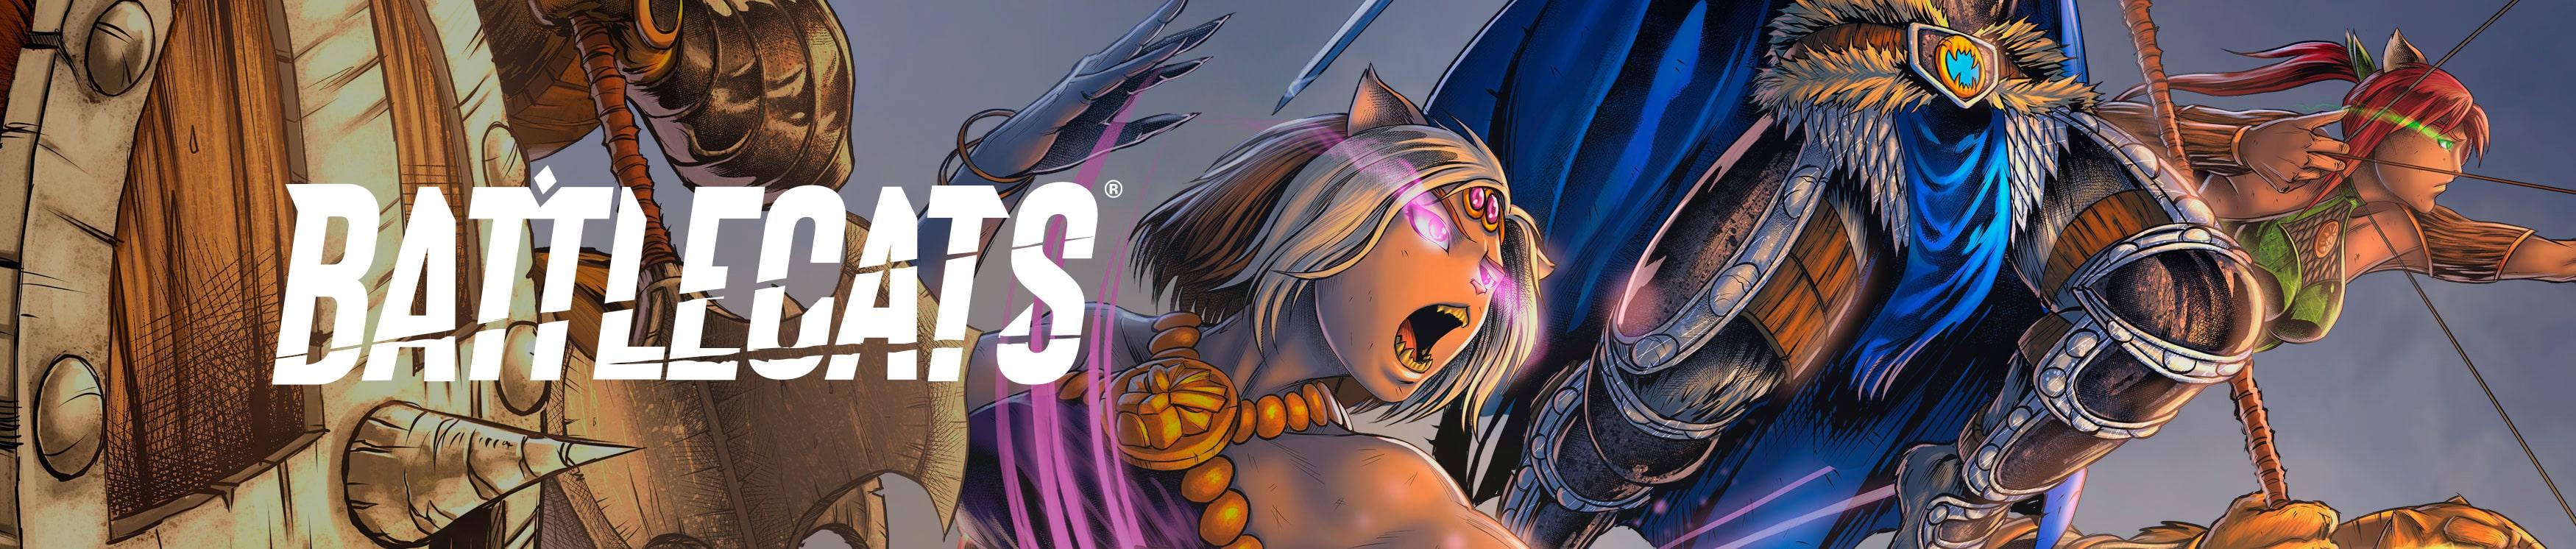 Battlecats | Mad Cave Studios | Comics with a Mad Twist